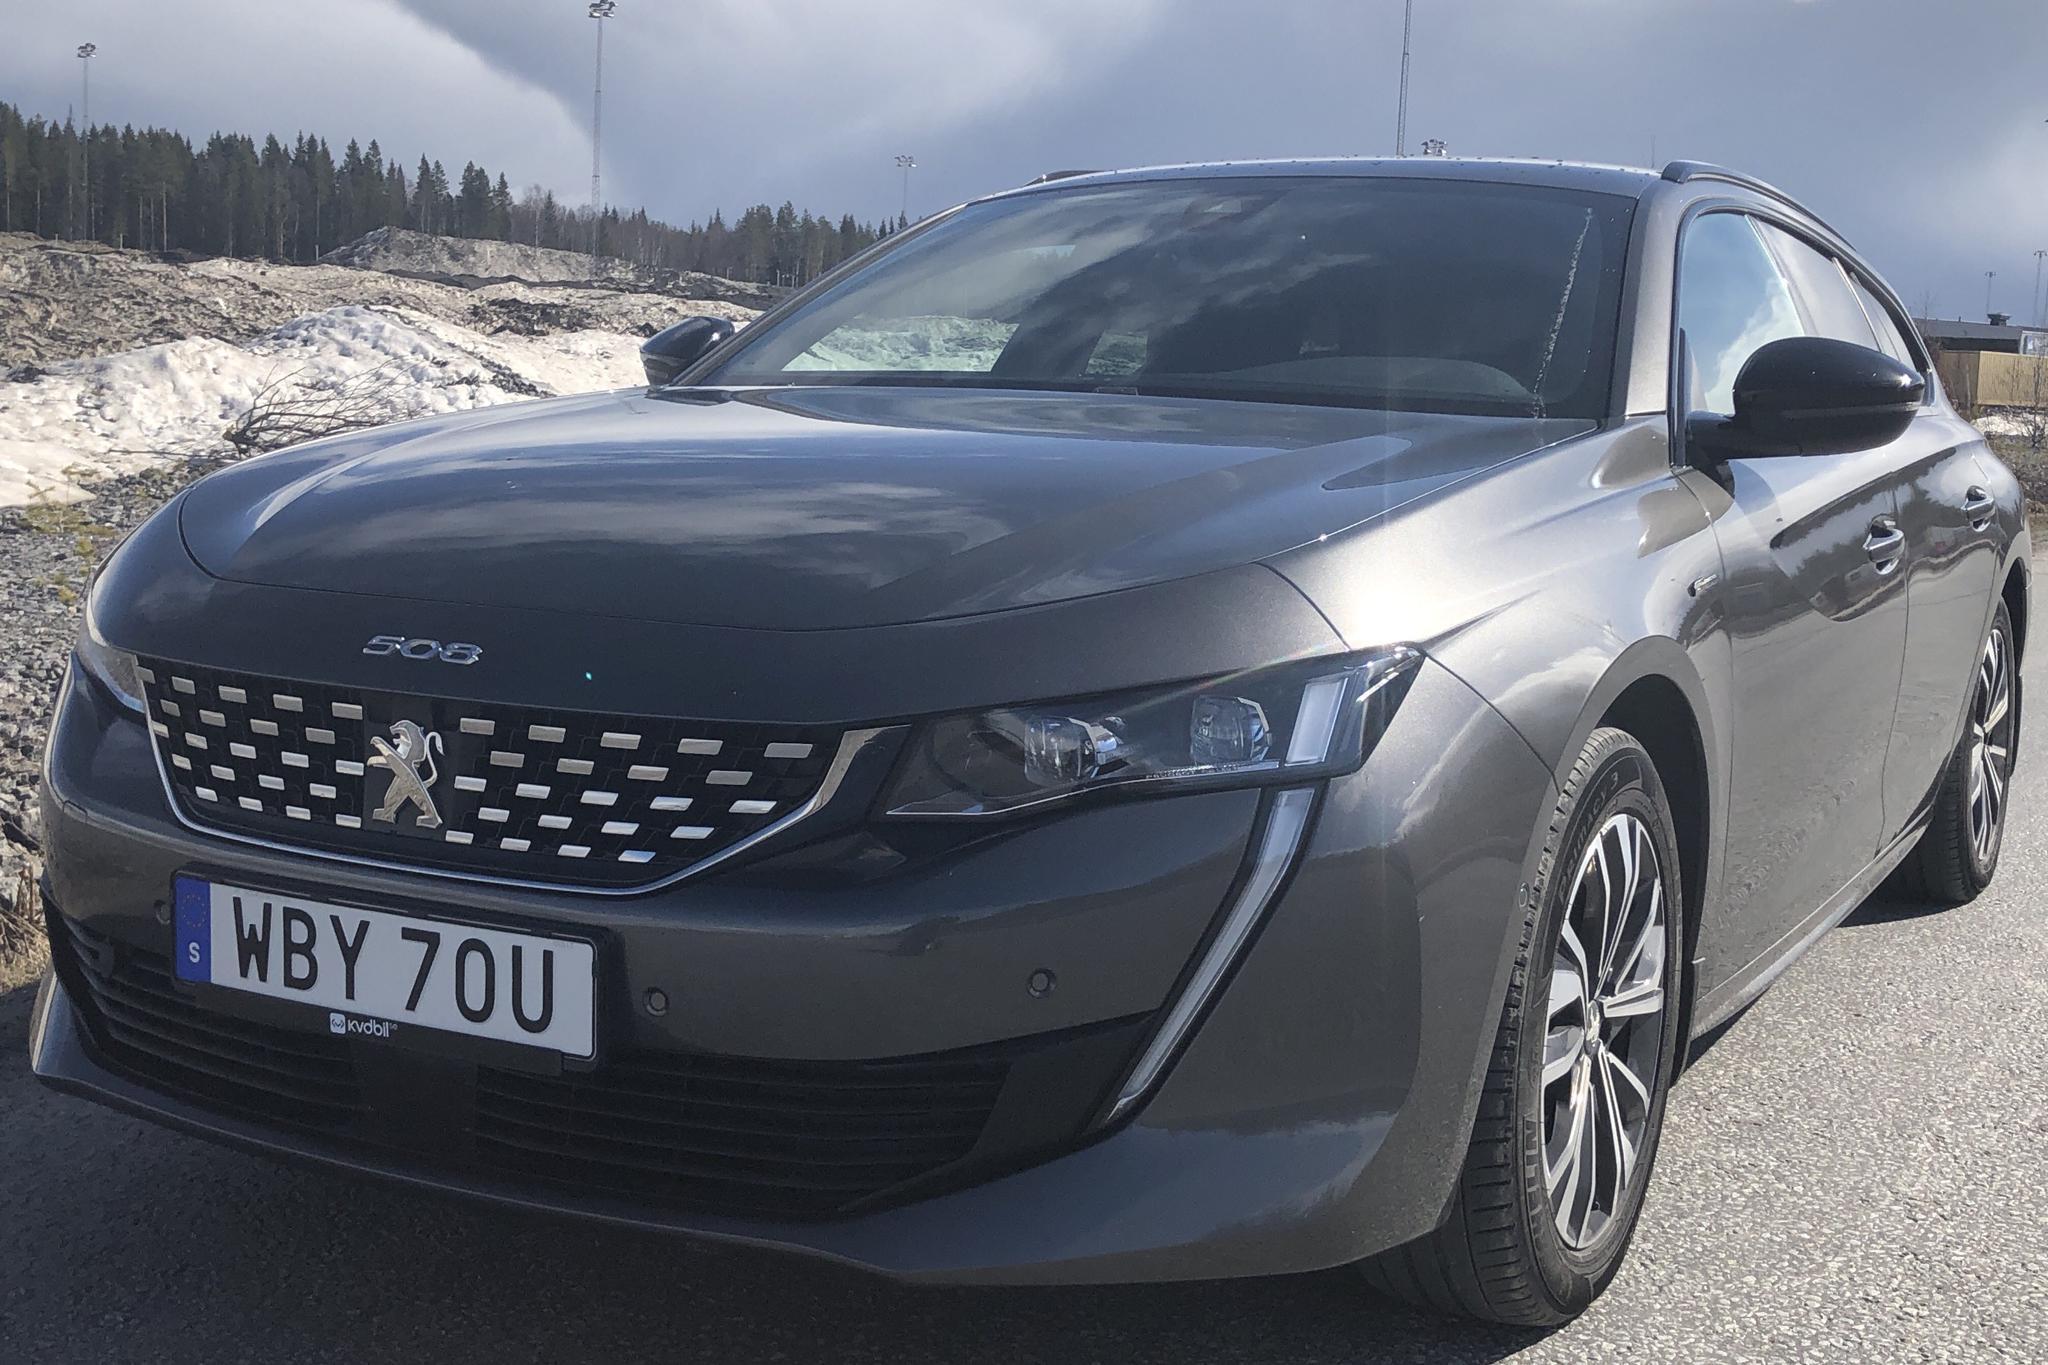 Peugeot 508 1.6 PureTech SW (180hk) - 3 141 mil - Automat - Light Grey - 2019